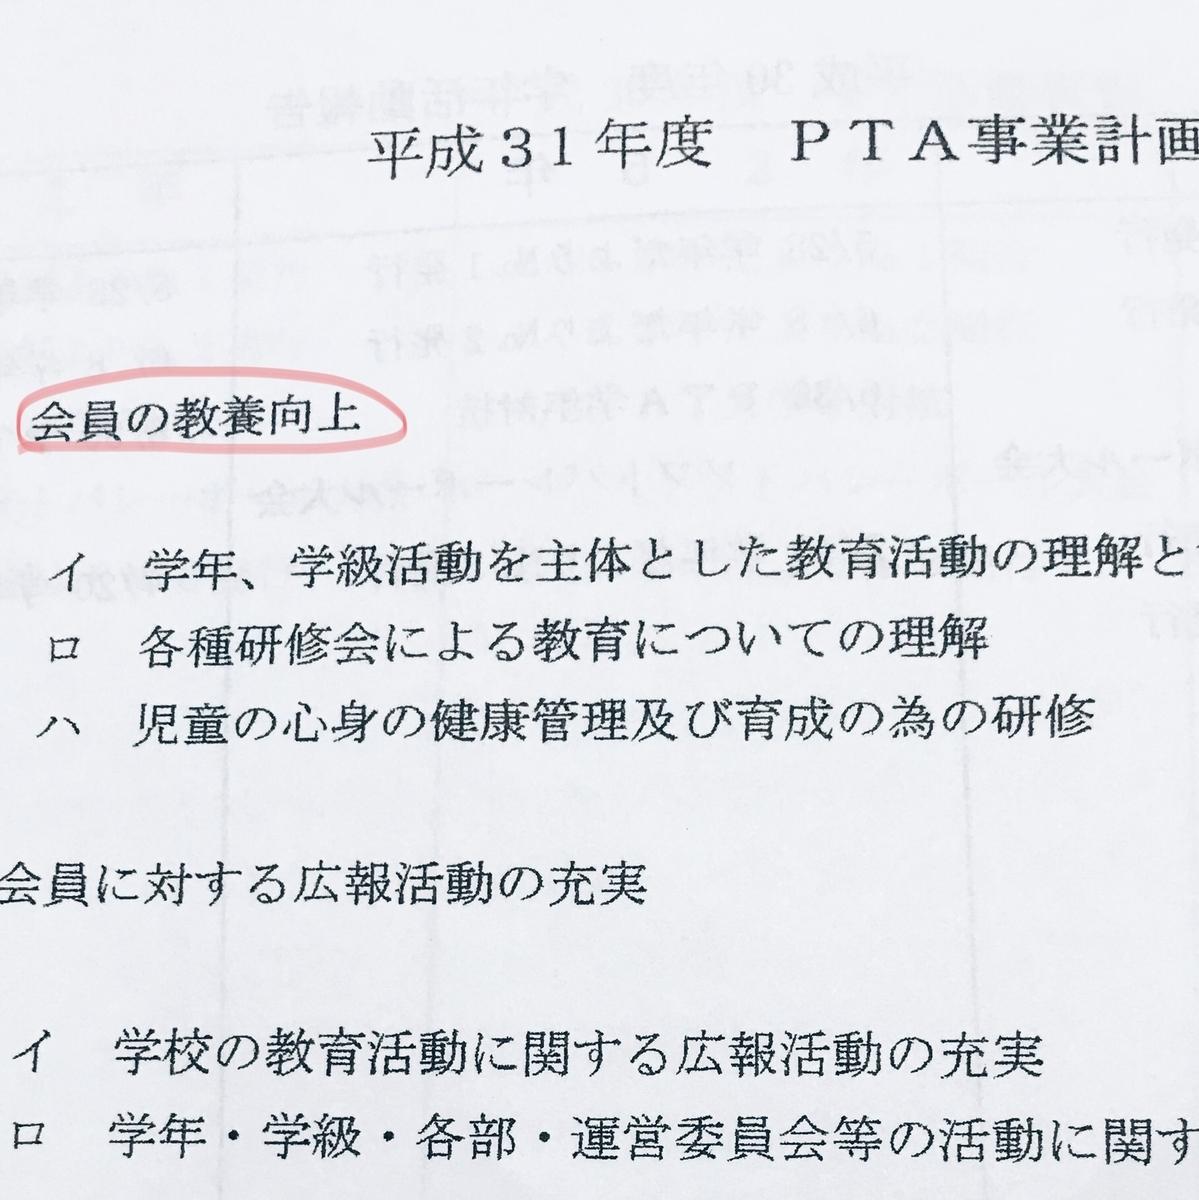 PTA副会長になったハナシ2-2